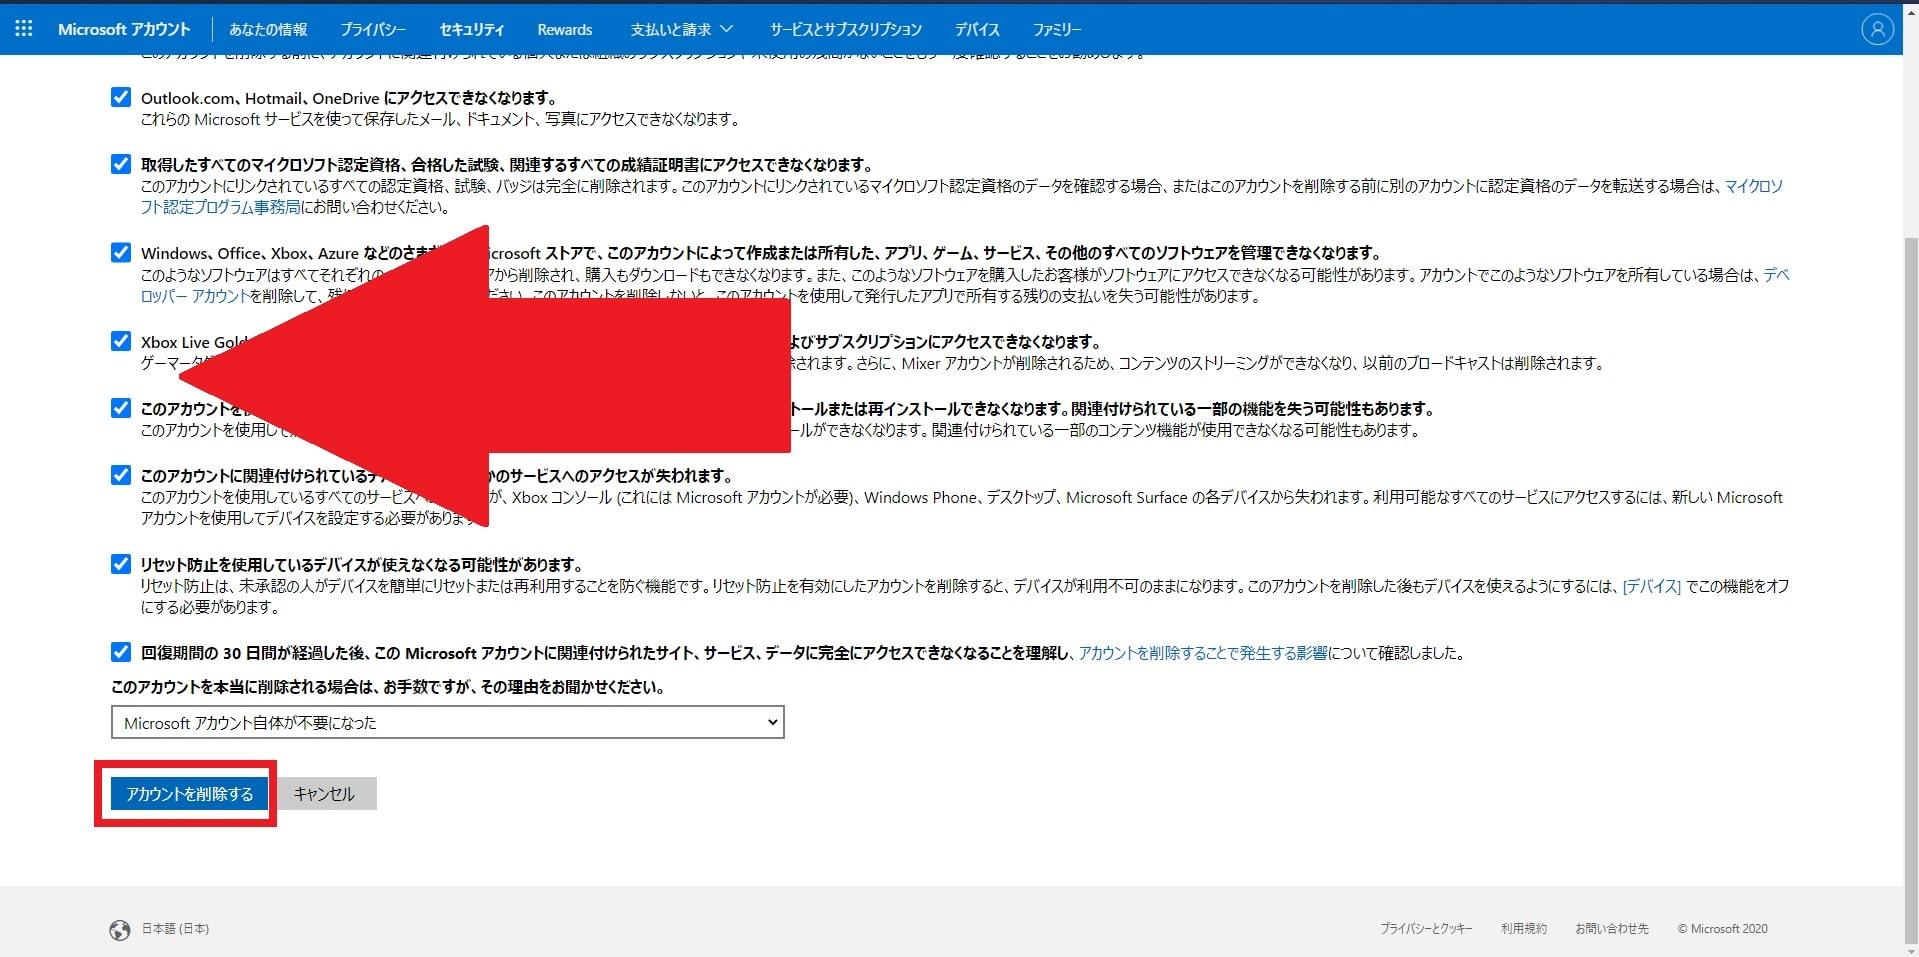 マイクロソフトアカウントを削除する際の確認事項